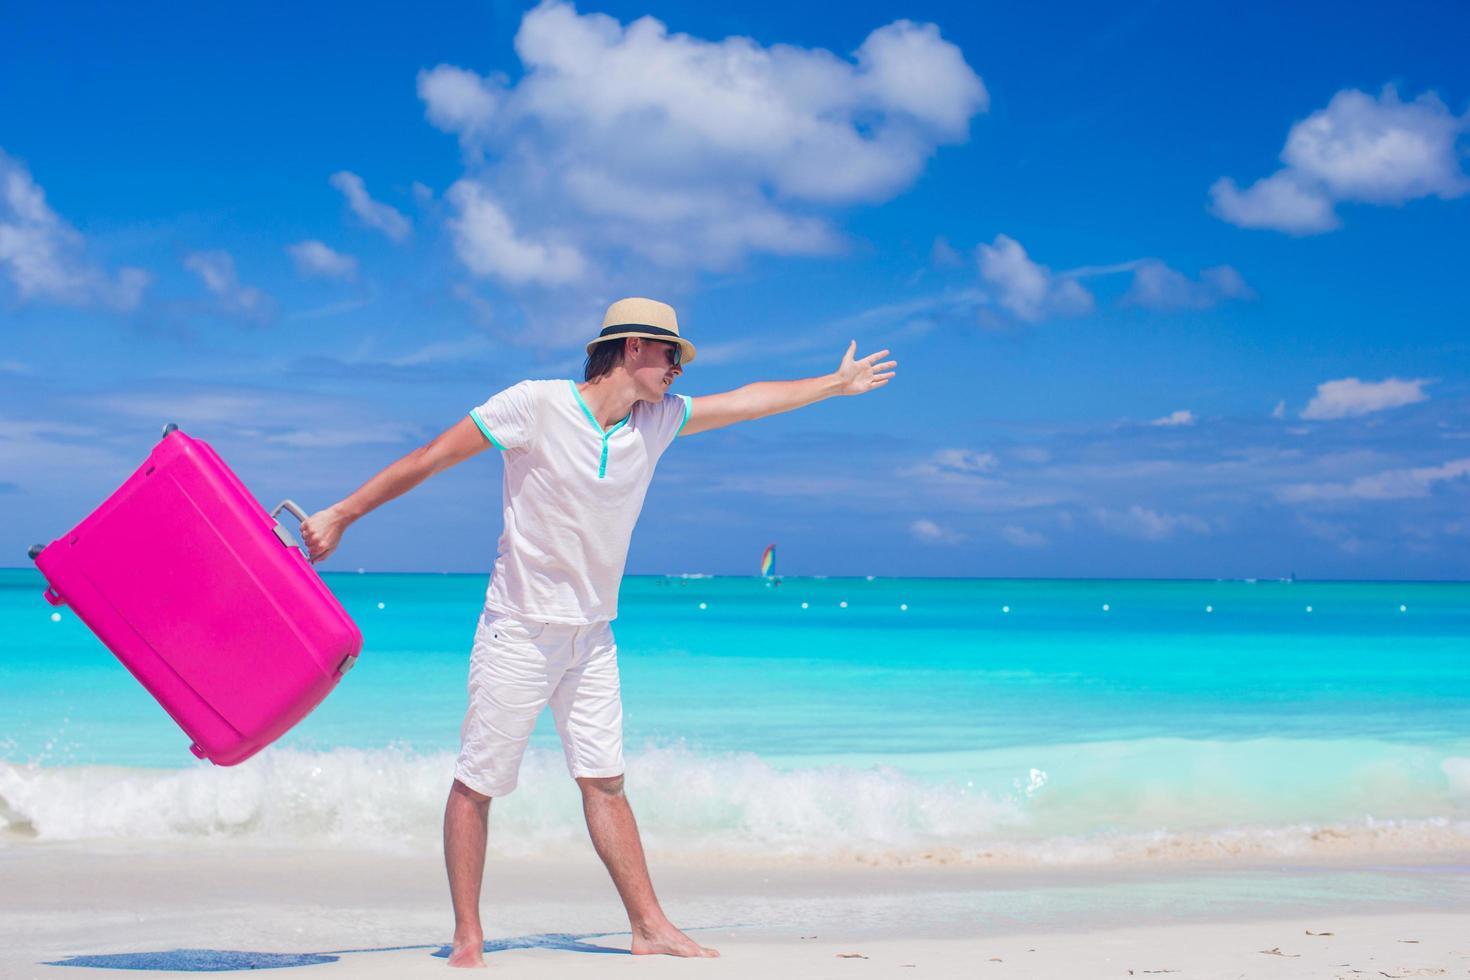 hombre caminando con una maleta en la playa foto